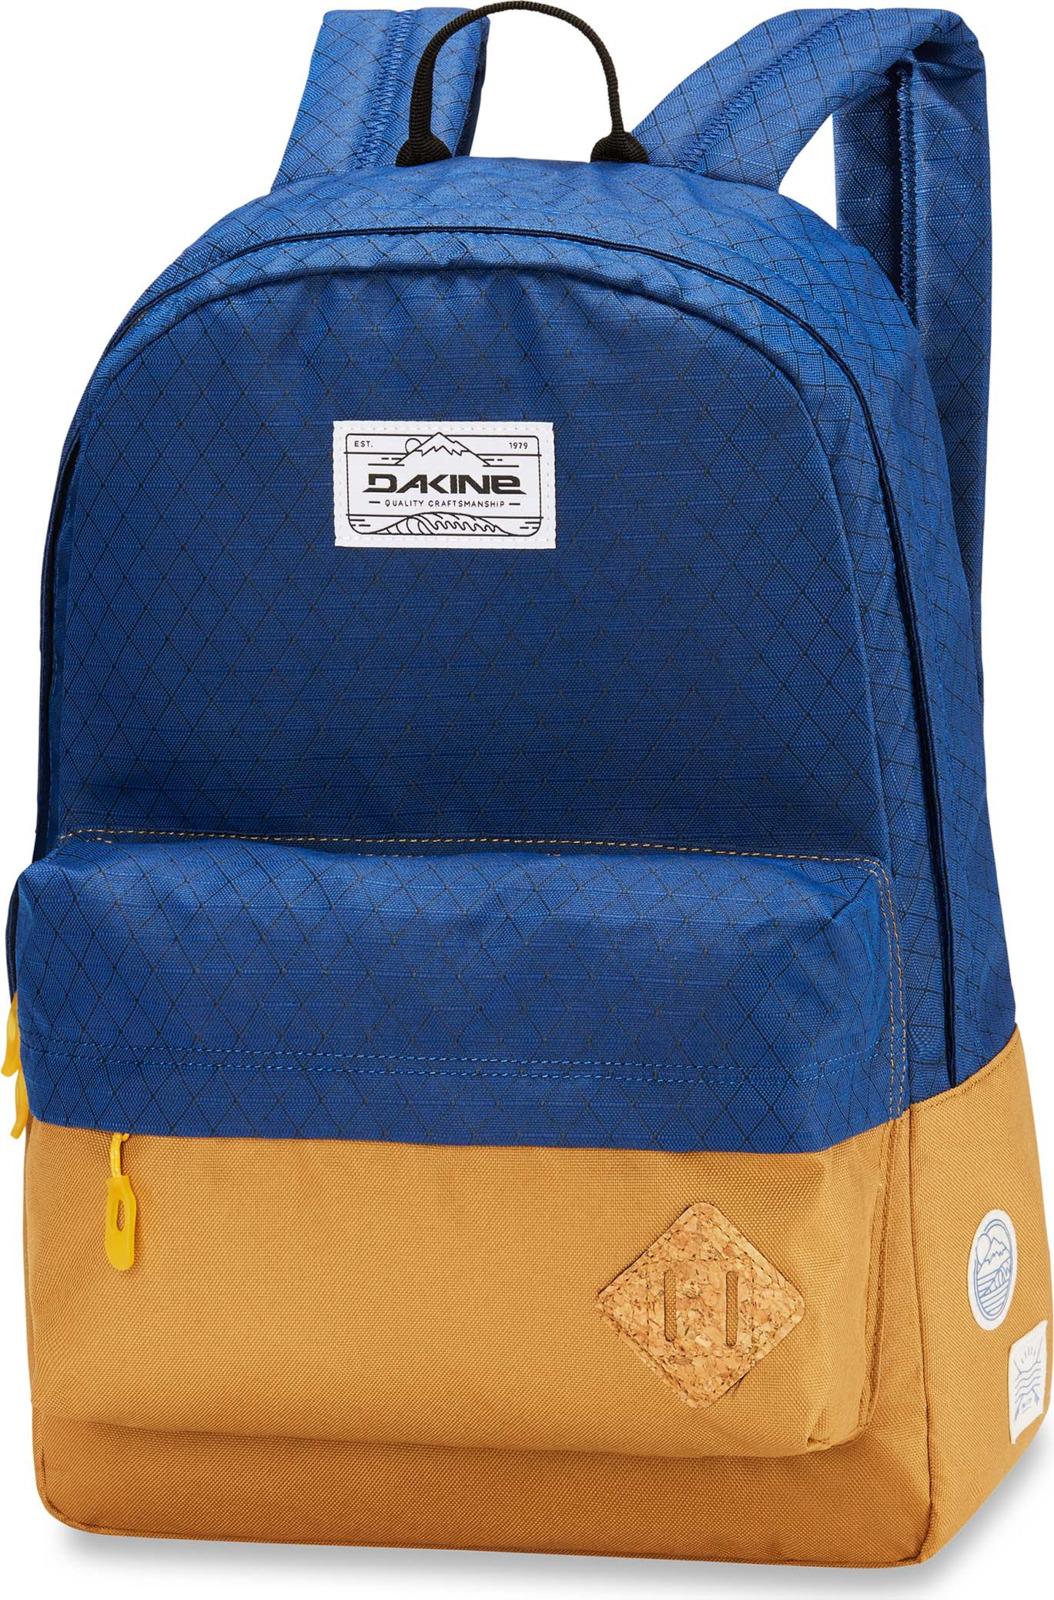 Рюкзак Dakine 365 Pack, цвет: синий, 21 л dakine рюкзак dakine dk 365 dewilde 21 л